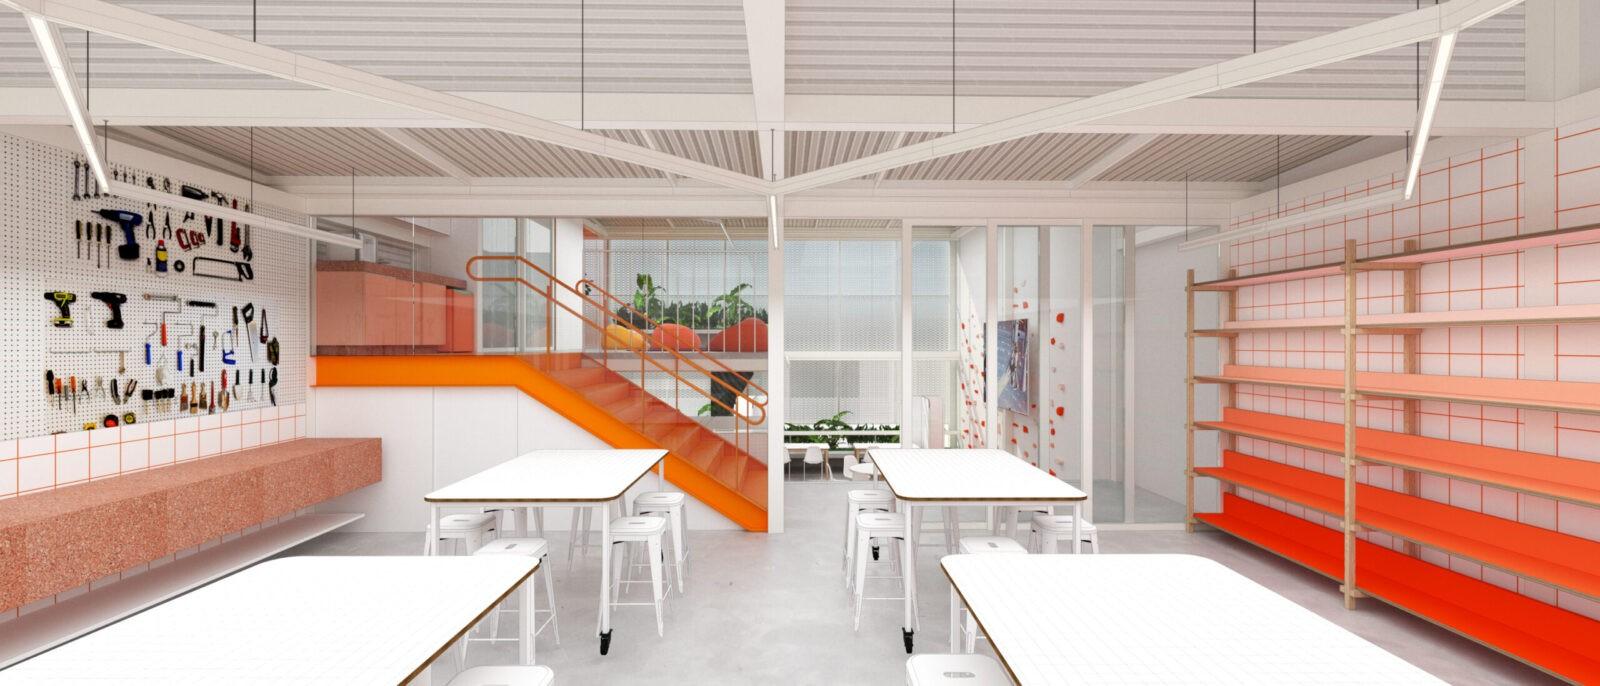 projeto reforma escola makerspace infantil belo horizonte Gabriel castro arquiteto mobio